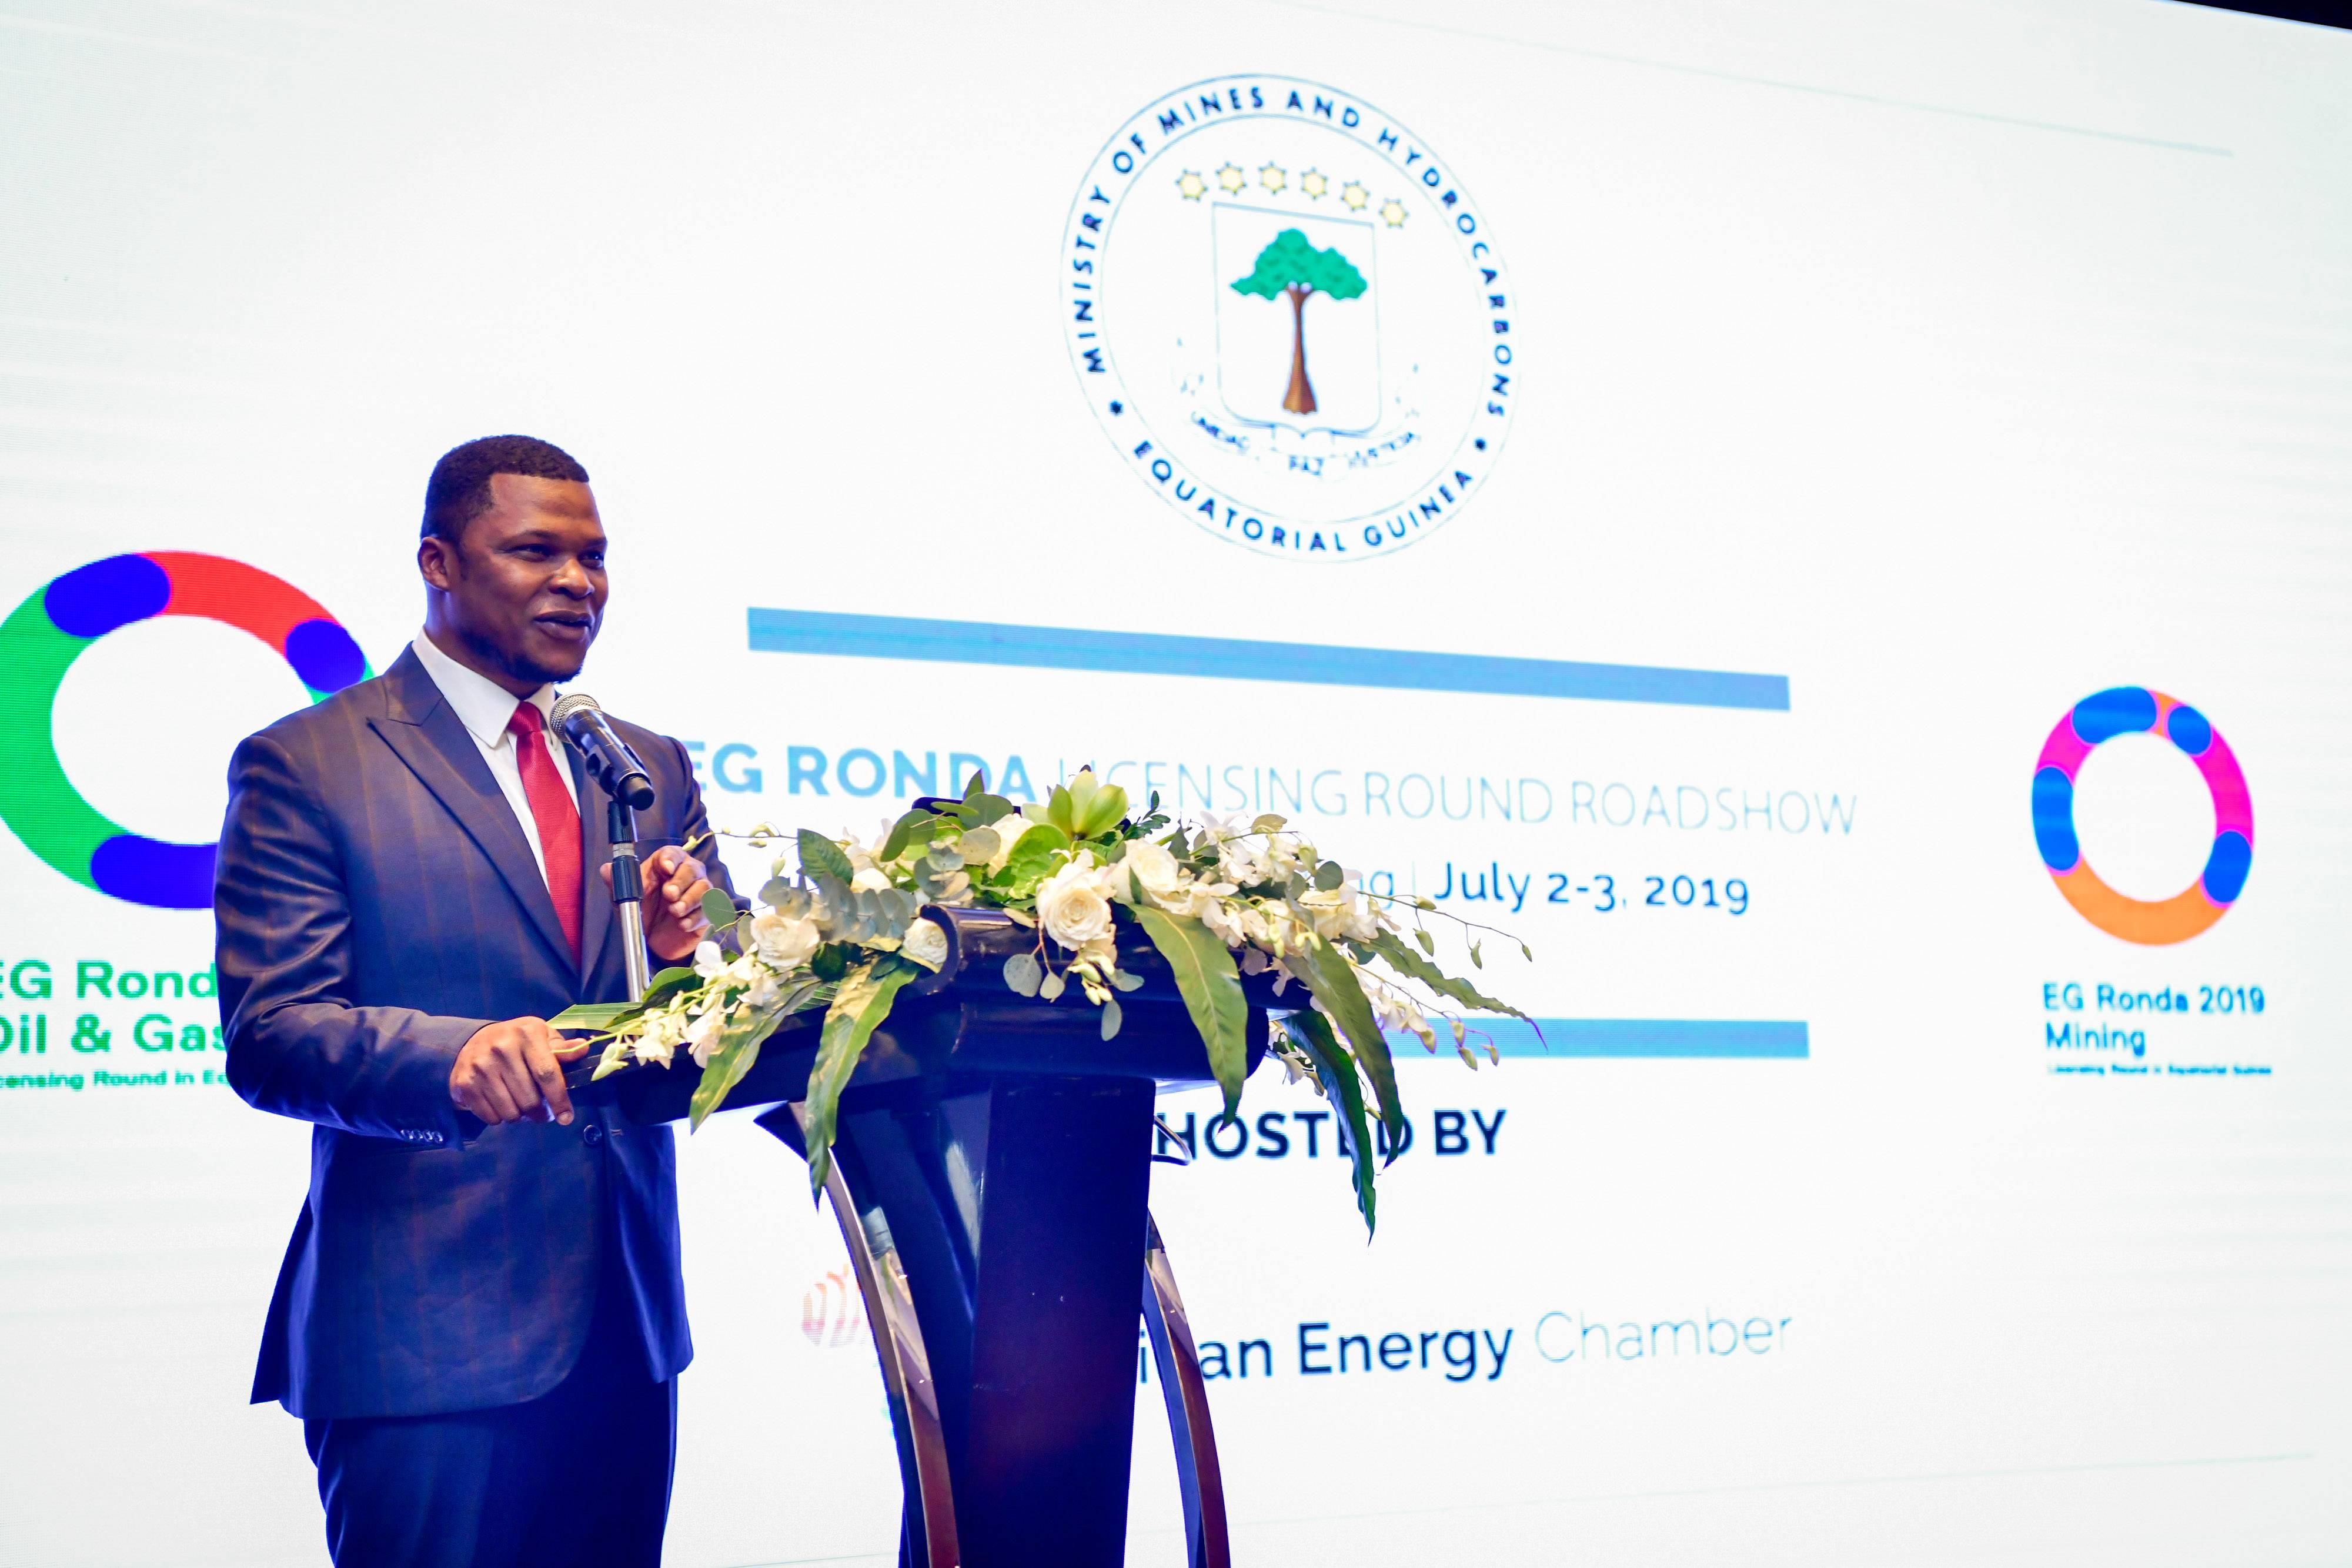 非洲能源商会在推动中国投资方面取得了巨大的成功